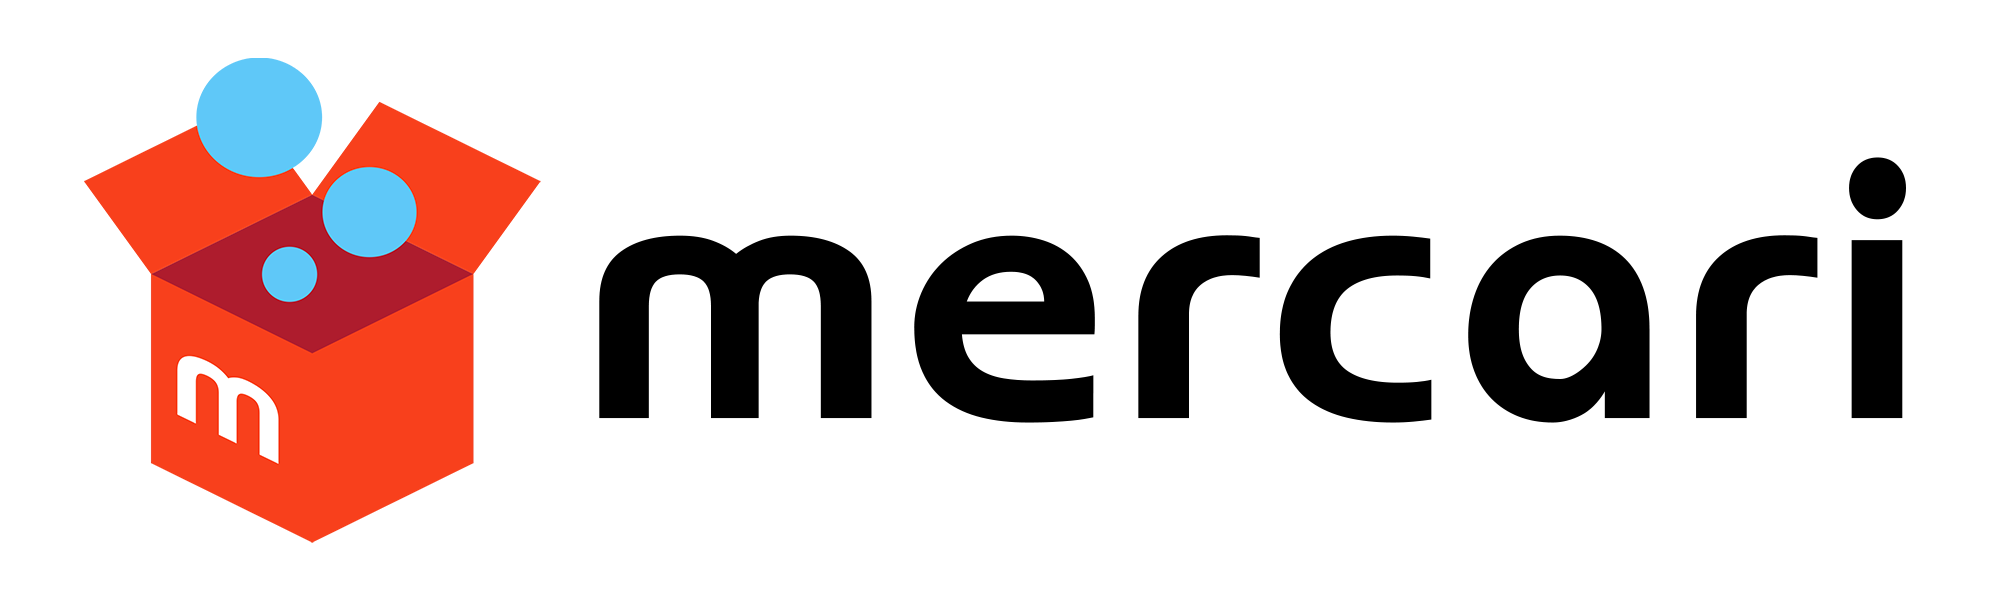 mercari_logo_horizontal.png